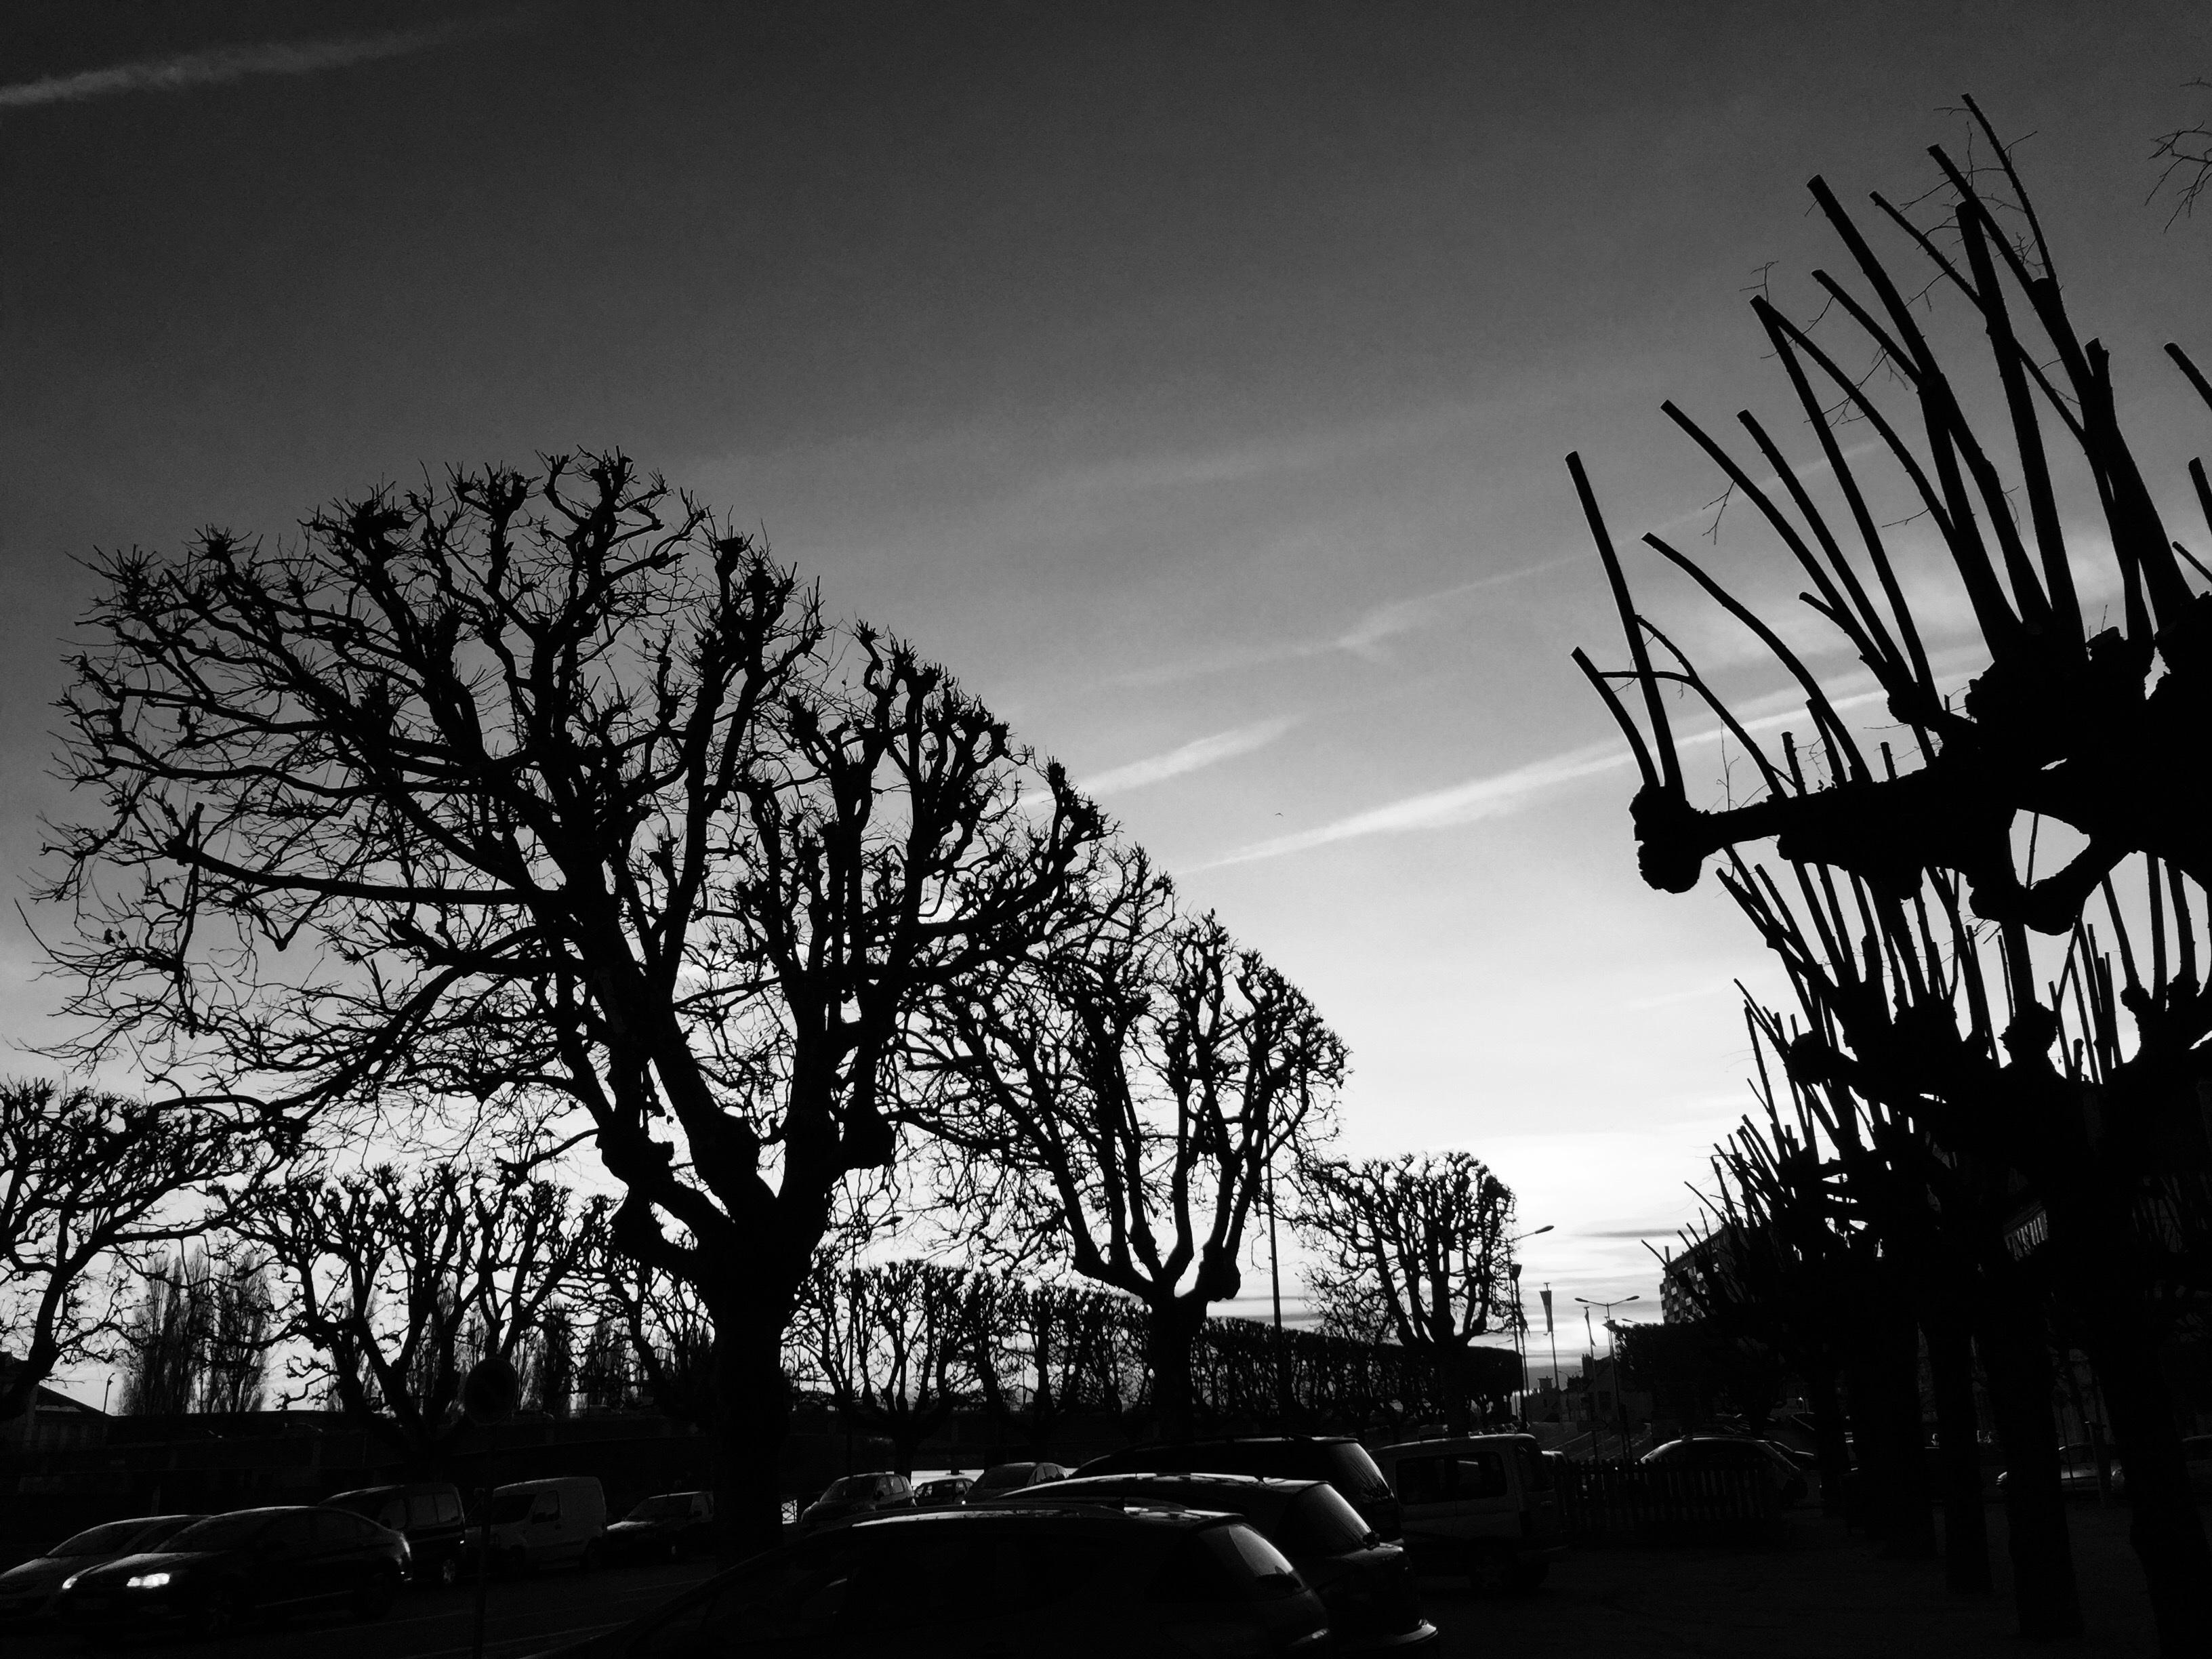 Banco de imagens : ramo, silhueta, nuvem, Preto e branco, plantar, céu, Por  do sol, noite, fotografia, luz solar, manhã, alvorecer, crepúsculo, tarde,  Trevas, árvore morta, monocromático, humor, forma, Luz de fundo,